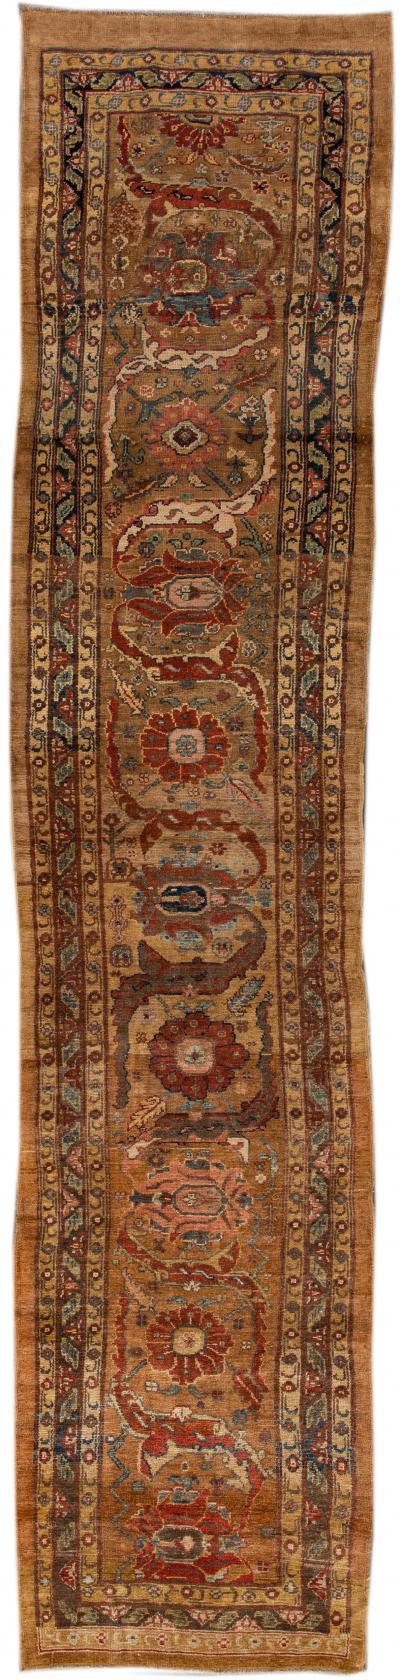 Vintage Bakshaish Tribal Wool Runner Rug